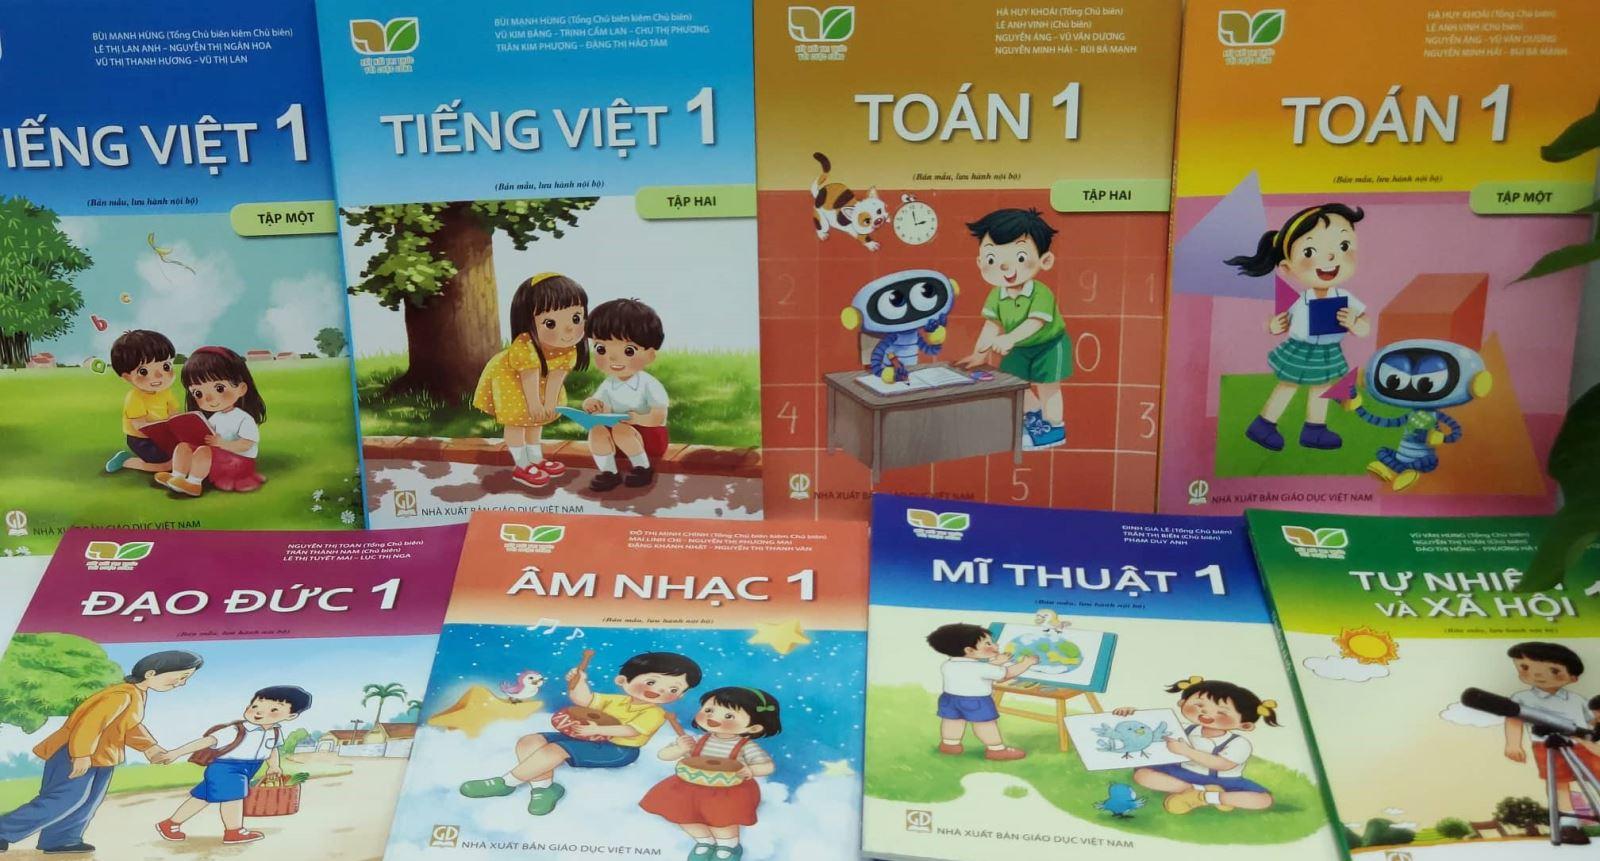 Giới thiệu Sách giáo khoa lớp 1 bộ sách Kết nối tri thức với cuộc sống